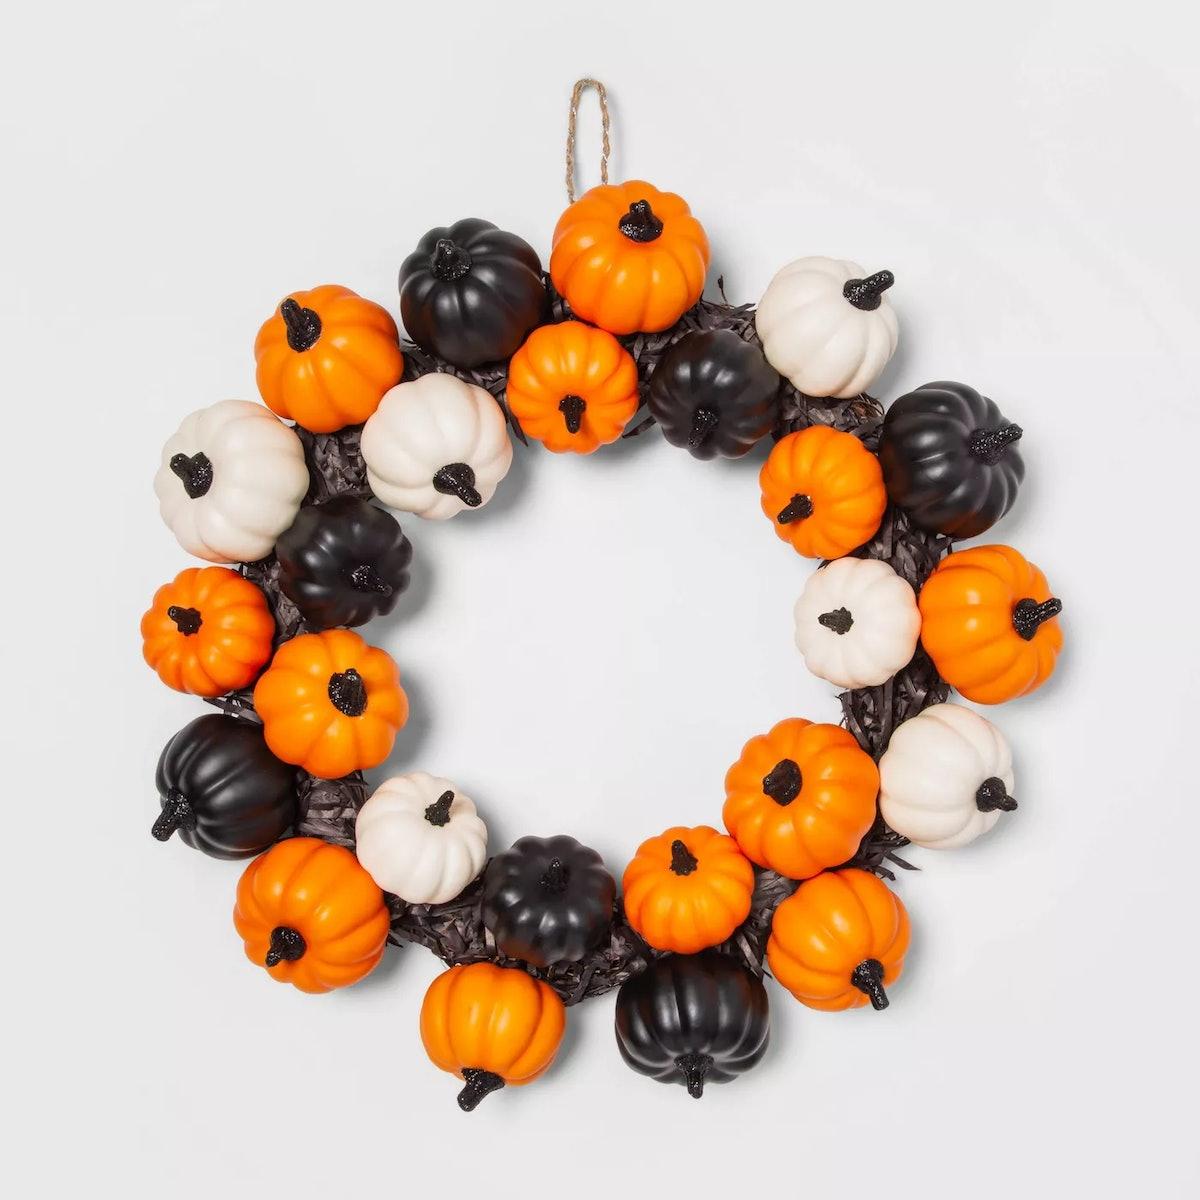 Pumpkins and Black Grass Halloween Wreath - Hyde & EEK! Boutique